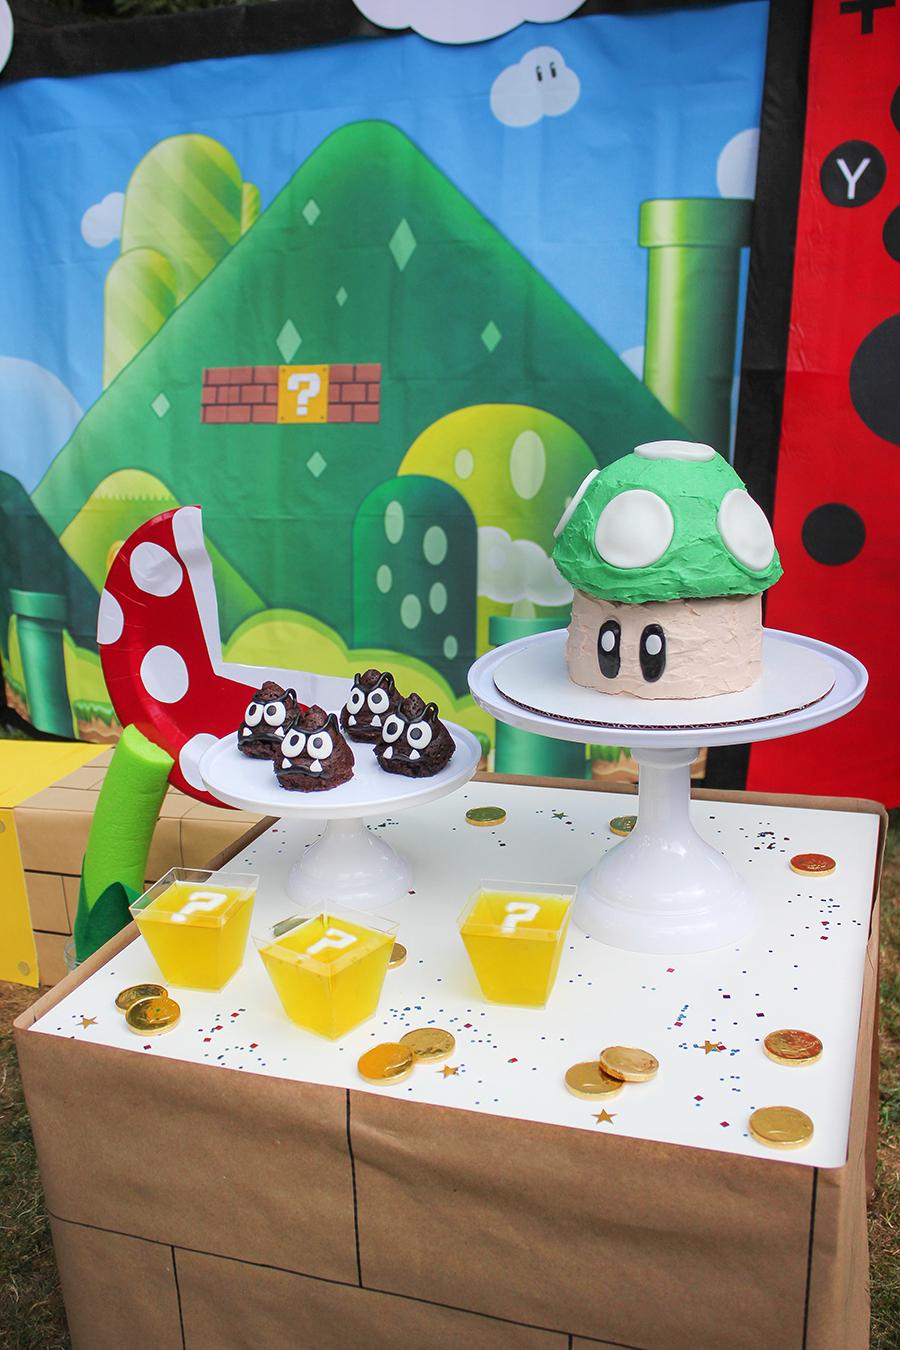 Super Mario Birthday Party, Super Mario birthday cake, Mario birthday party food ideas, mario birthday party games, super mario birthday theme, super mario party printables, mario, luigi, nintendo switch, switch backdrop, yoshi, yoshi eggs, toad cake, goomba, goomba cakes, coin box punch box, punch box, prize punch box, mario coin block, mario coin box, Just Add Confetti, diy decorations, diy party decor, diy nintendo switch, party ideas, party food, party games